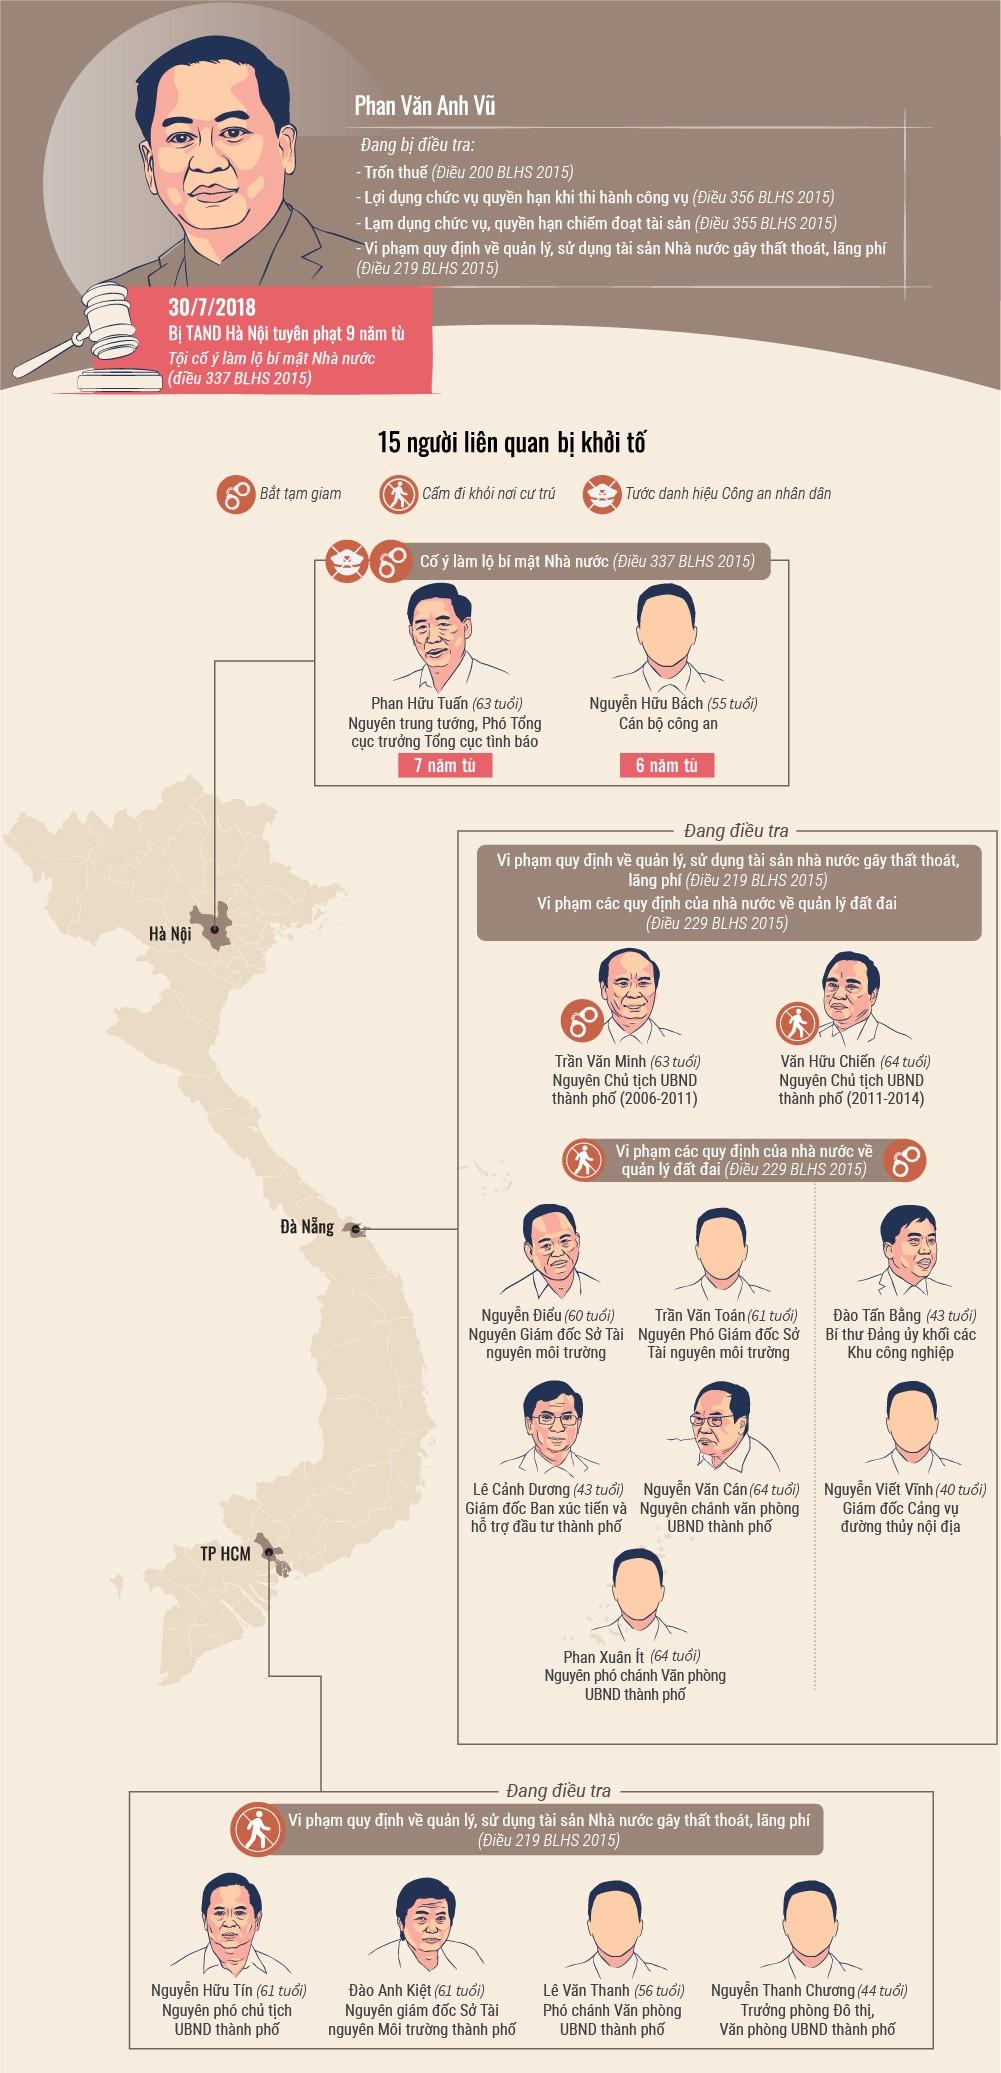 15 cựu quan chức vướng lao lý do liên quan vụ án Phan Văn Anh Vũ - ảnh 1